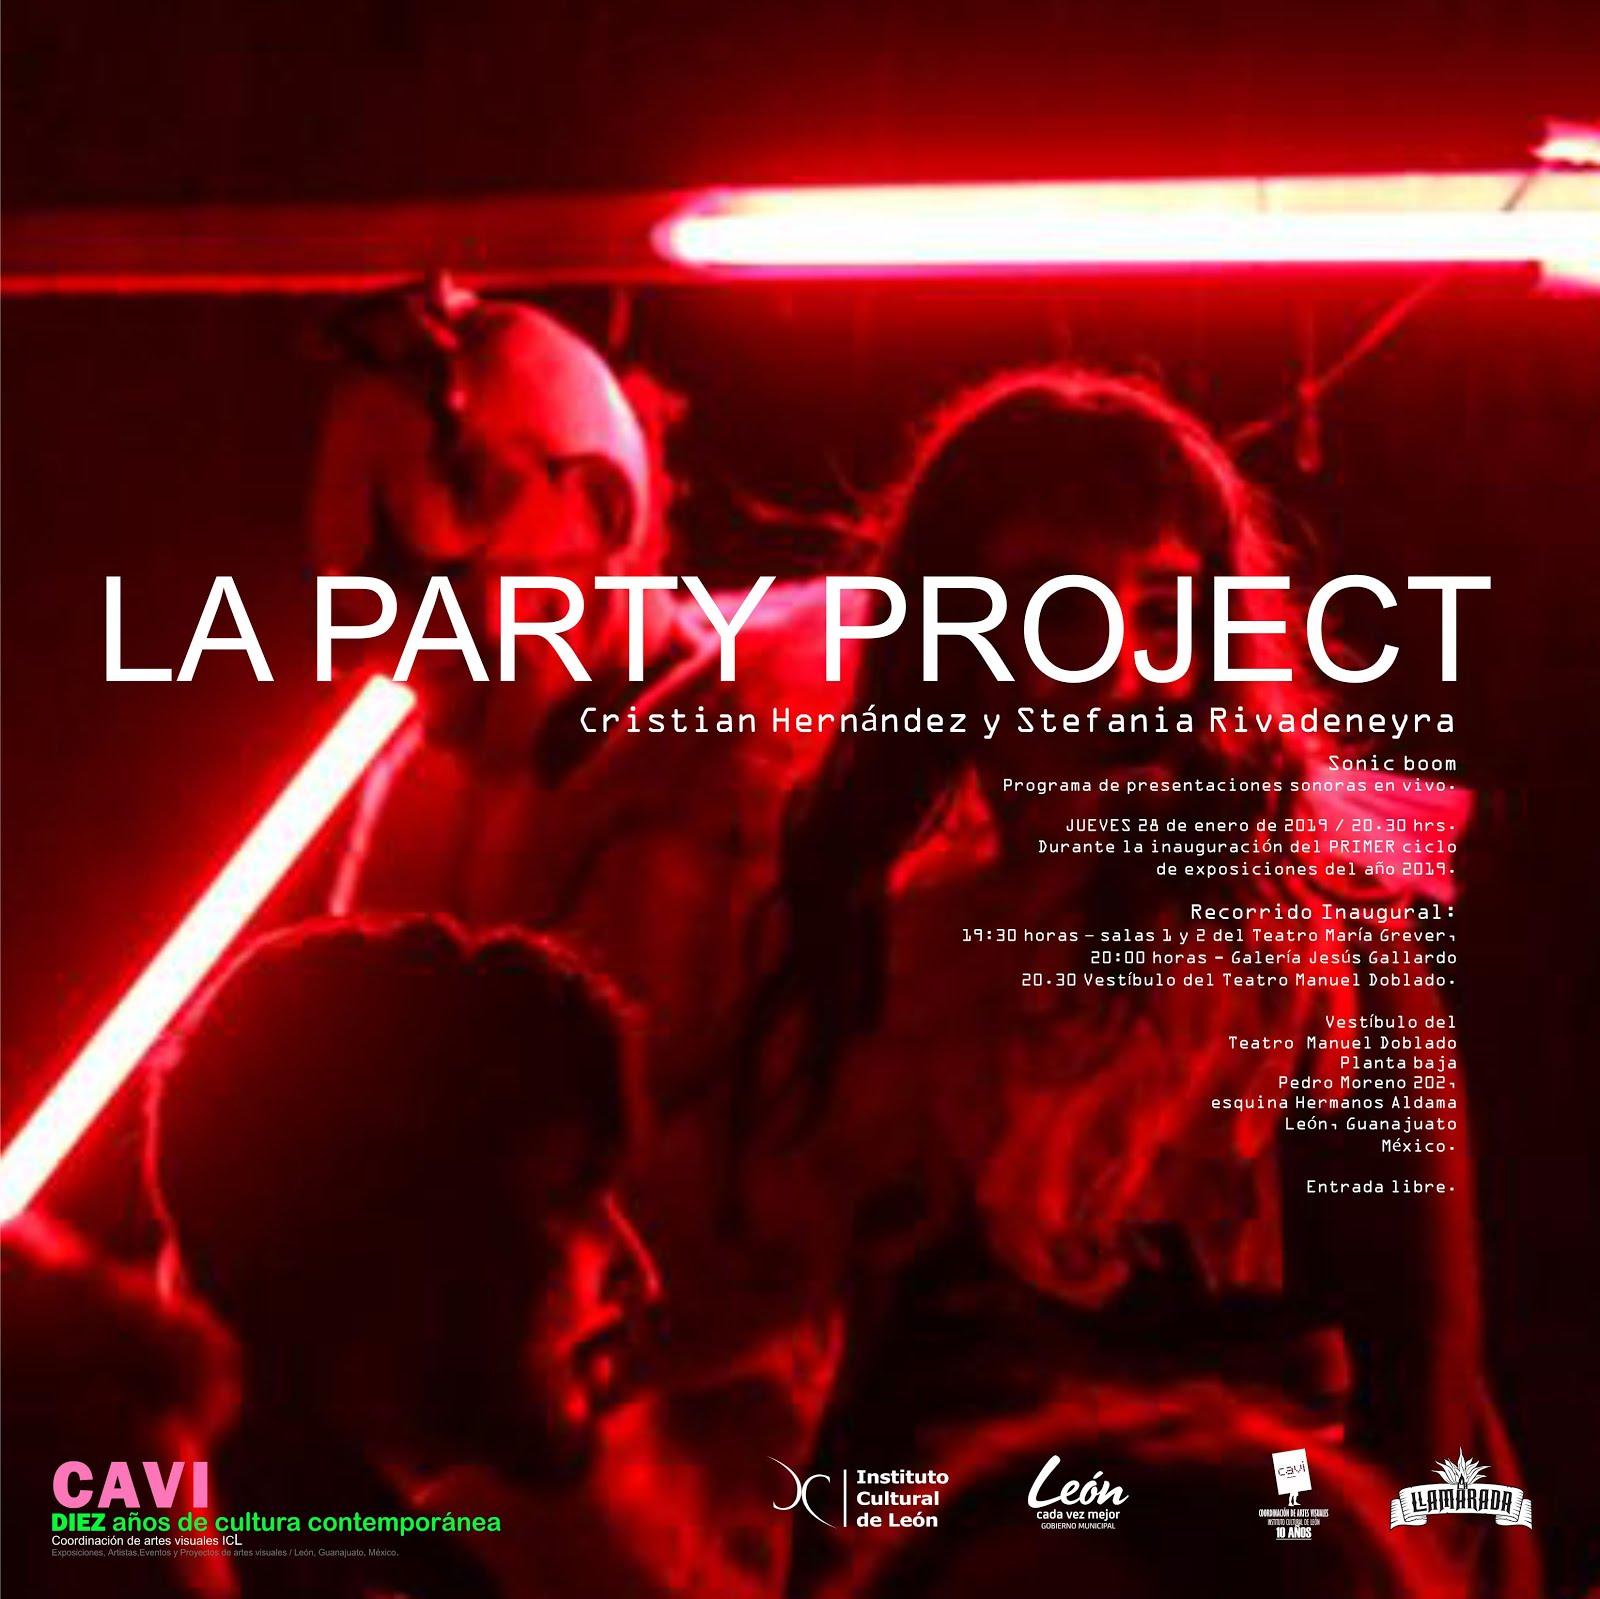 La party Project